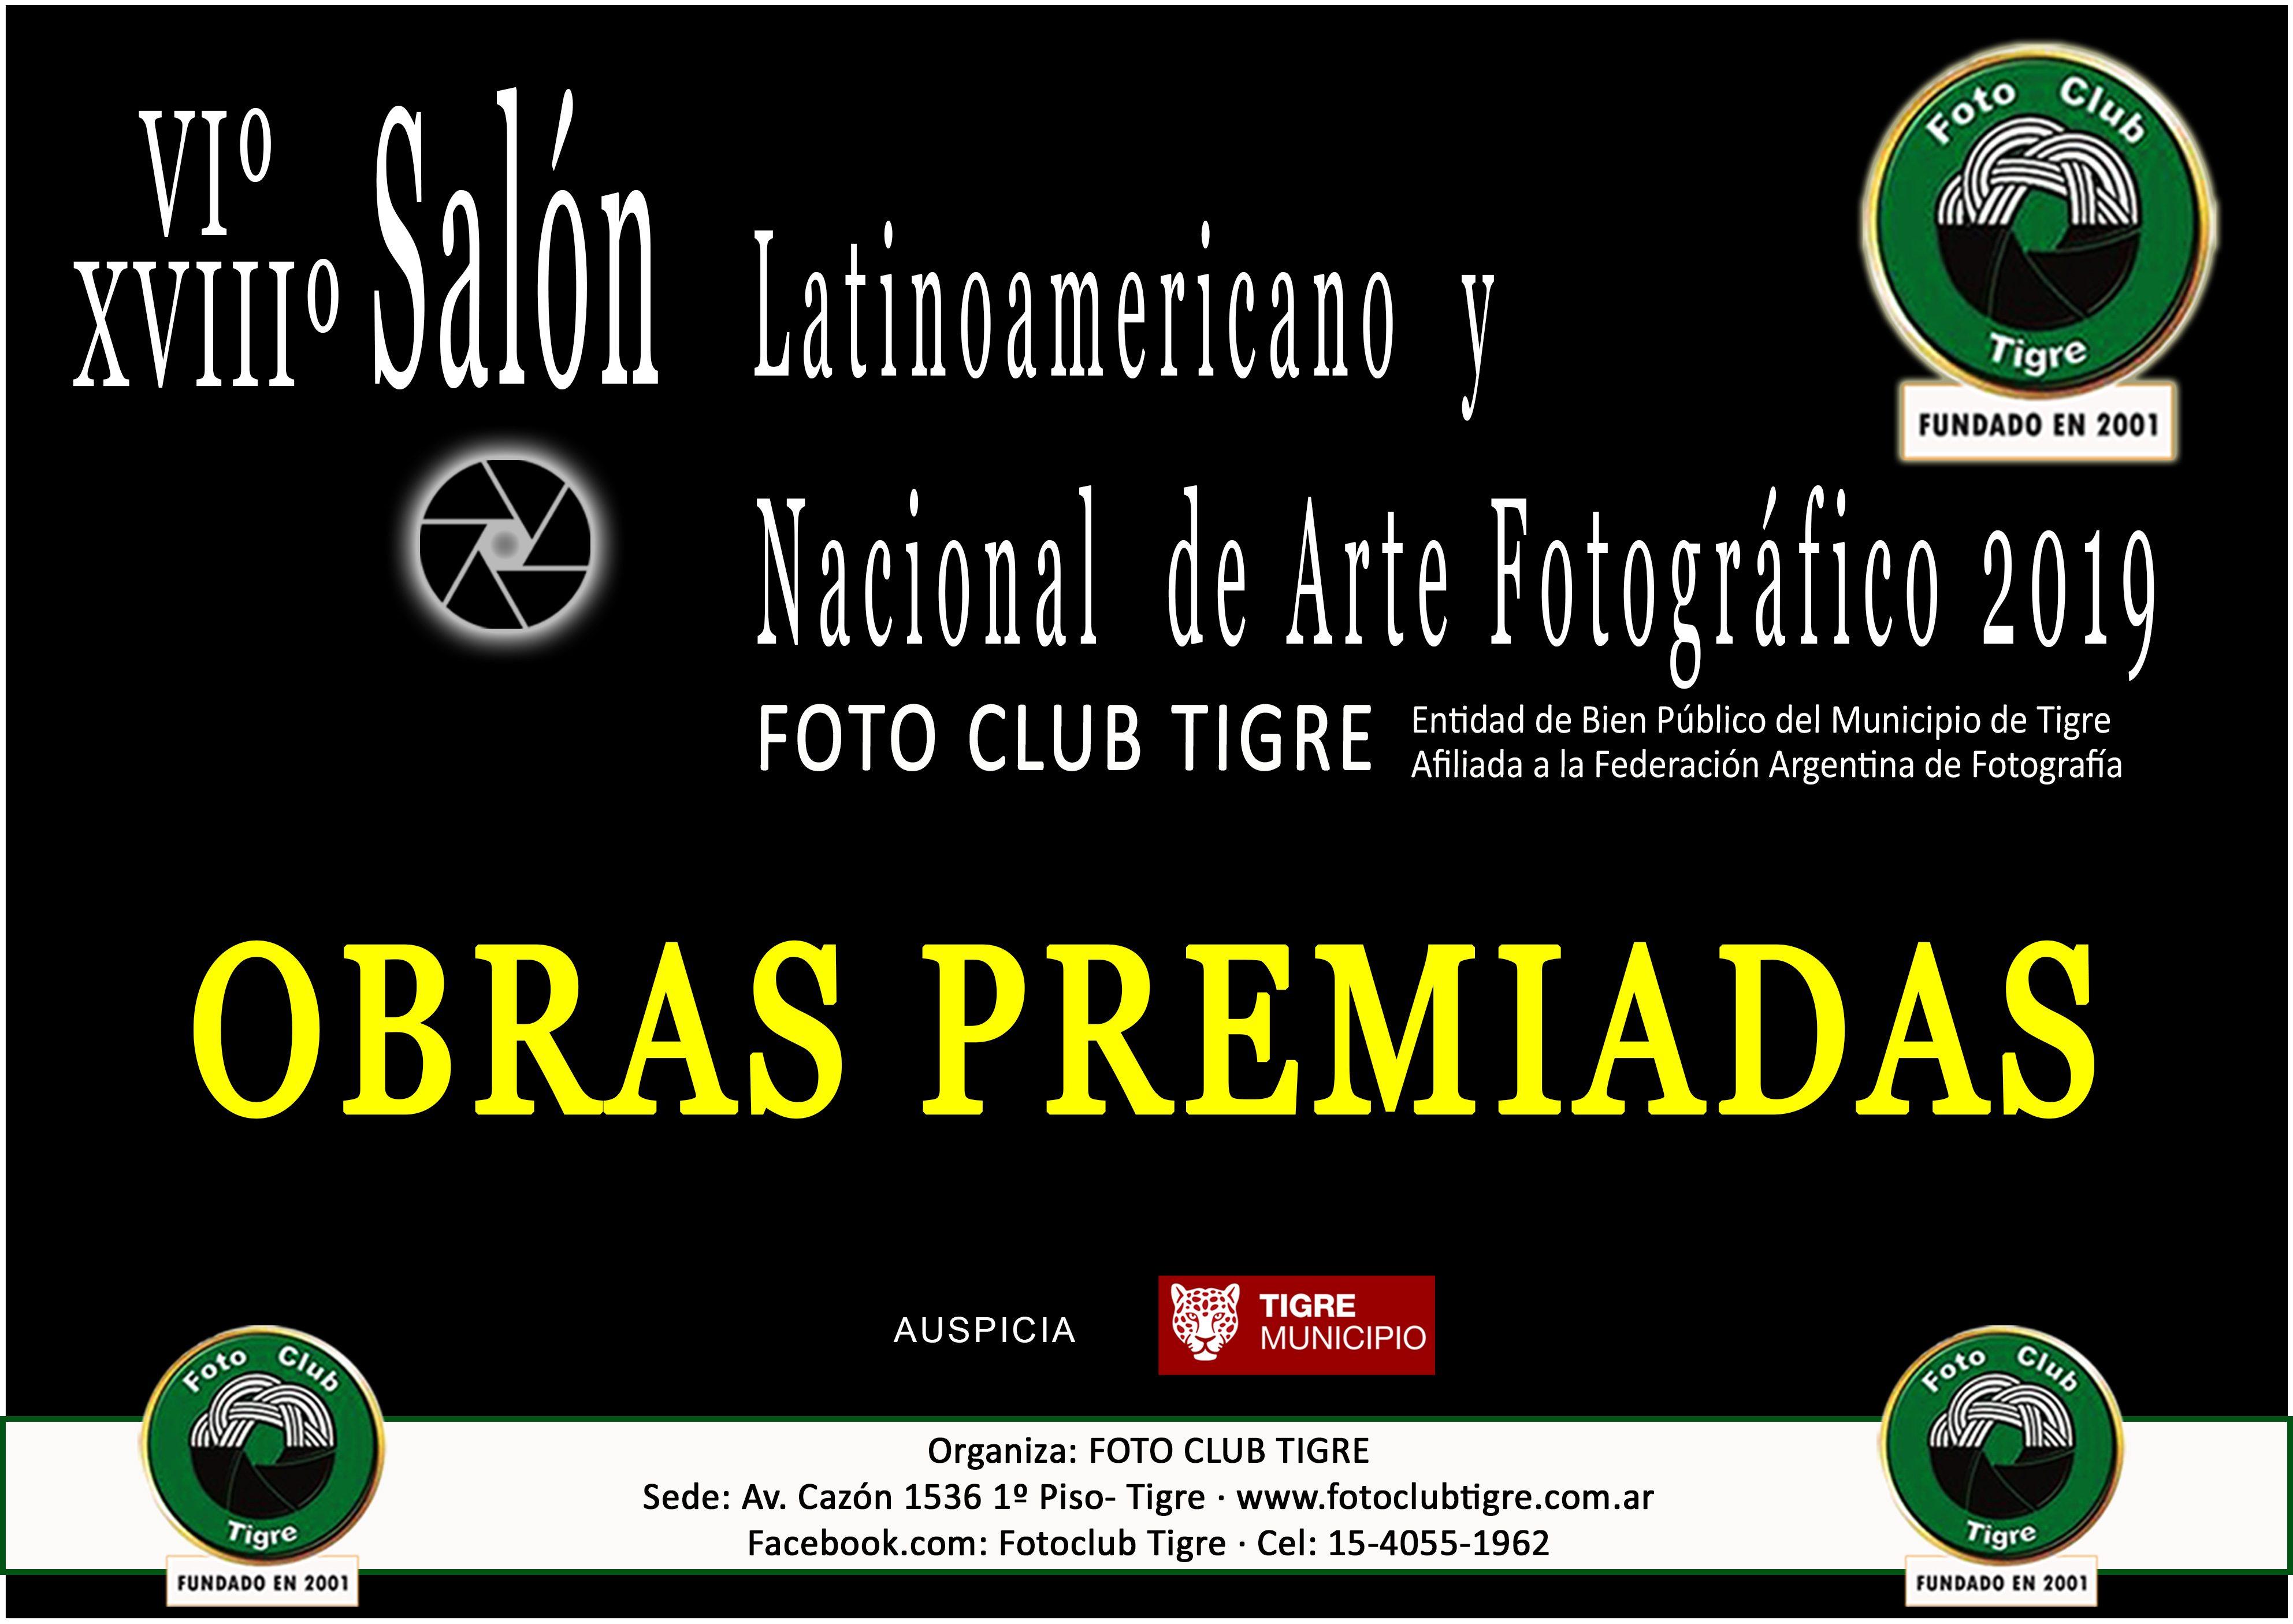 Premios del IVº Salón Latinoameriano y XVIIIº Salón Nacional de Arte Fotográfico del Fotoclub Tigre 2019